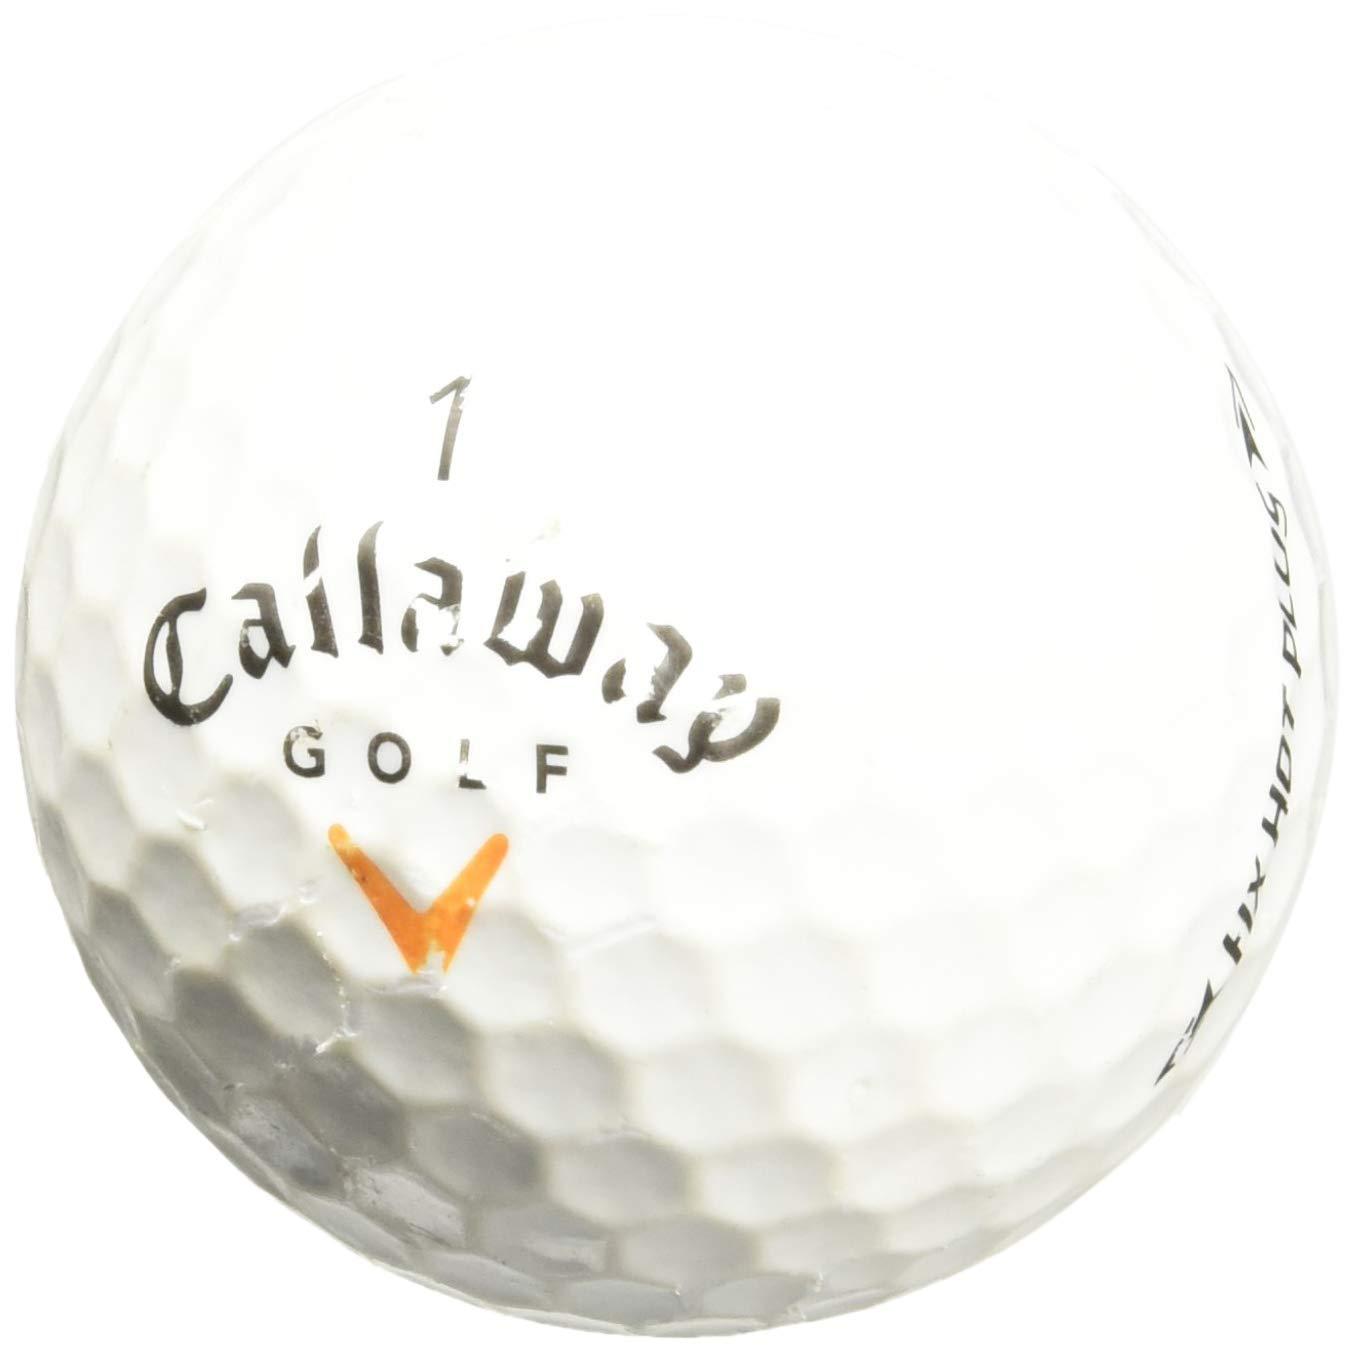 Callaway 50 Mix Near Mint AAAA Used Golf Balls by Callaway